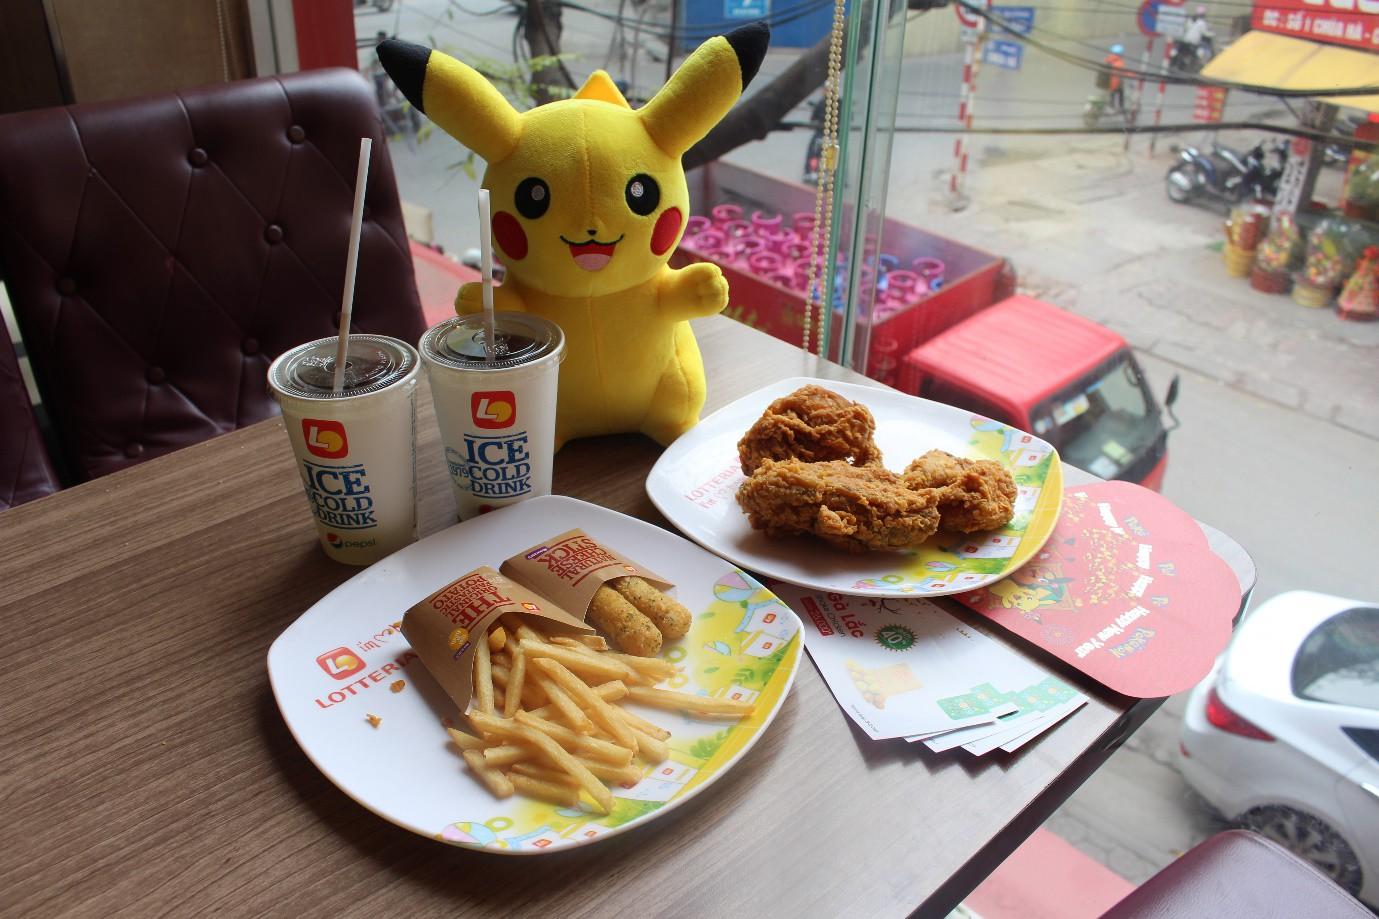 Kỷ hợi vi vu cùng binh đoàn Pikachu - Ảnh 2.